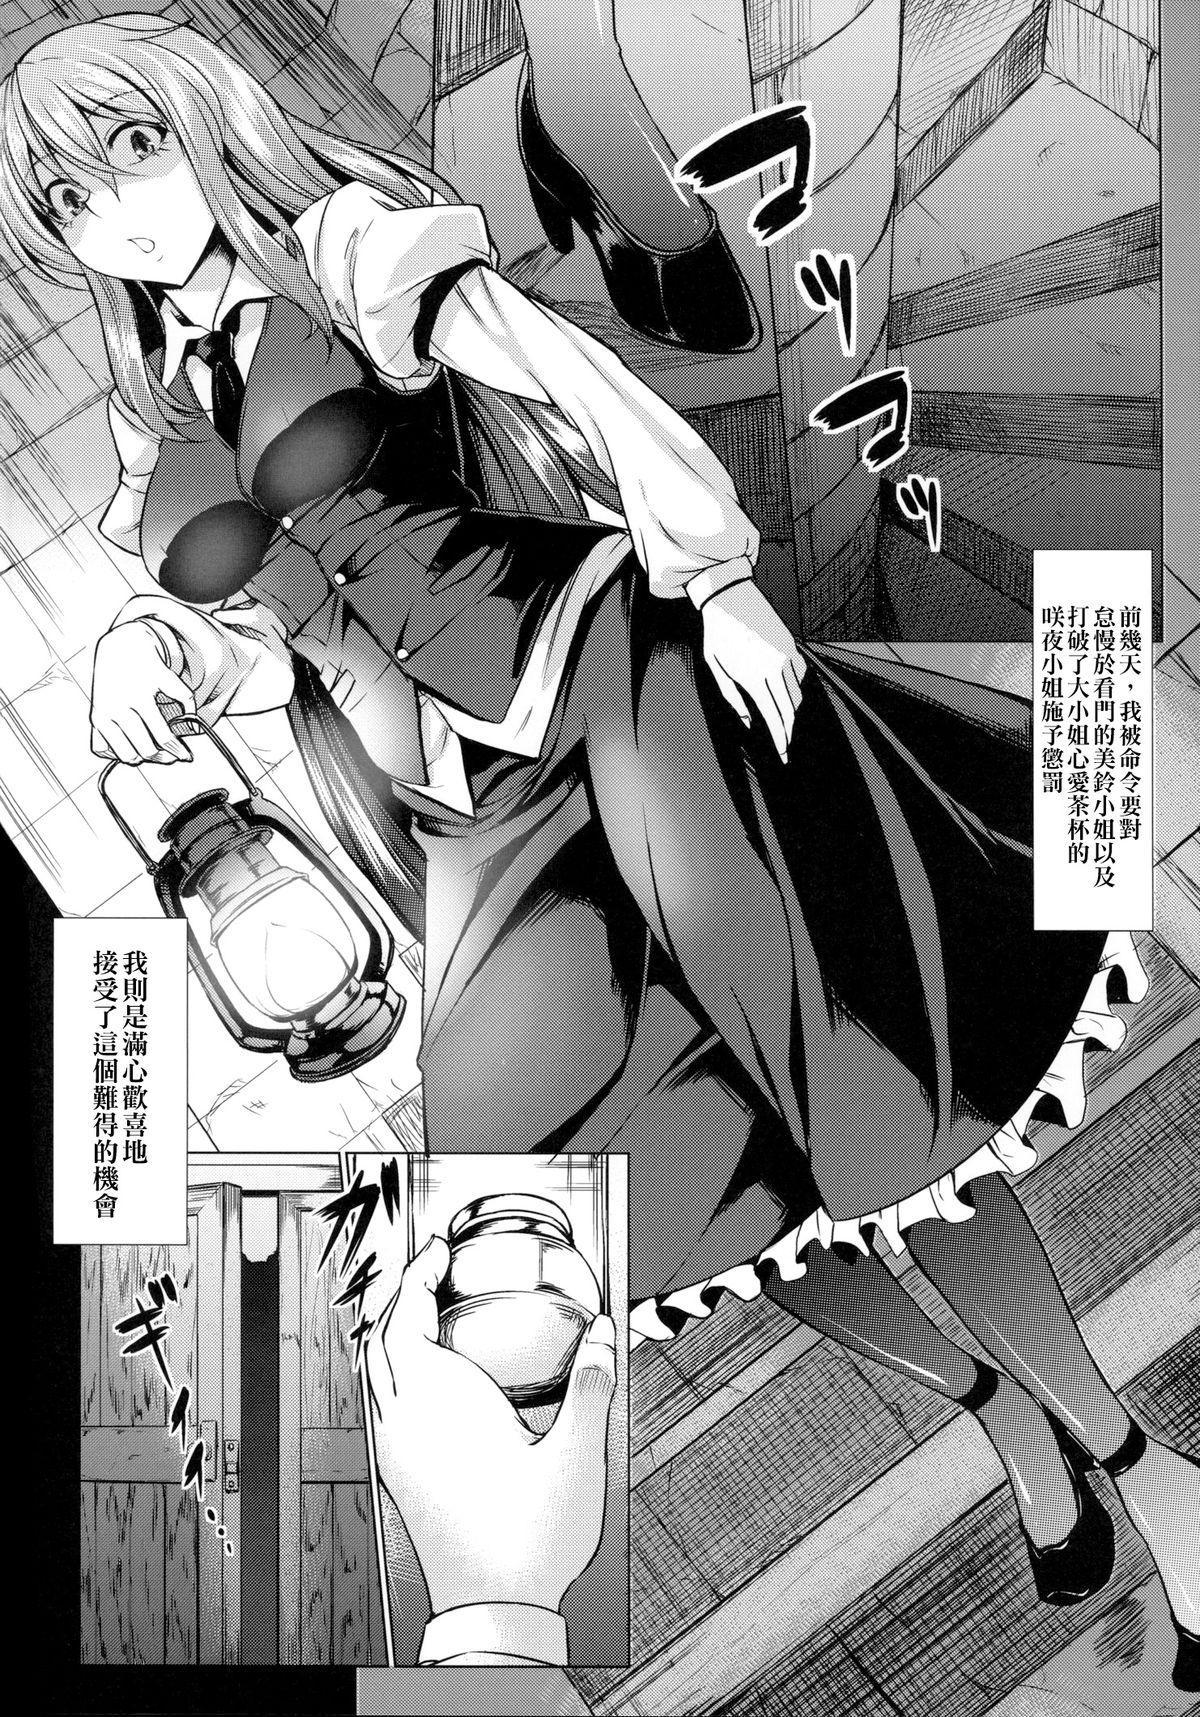 MeiSaku Choukyou Nikki 2